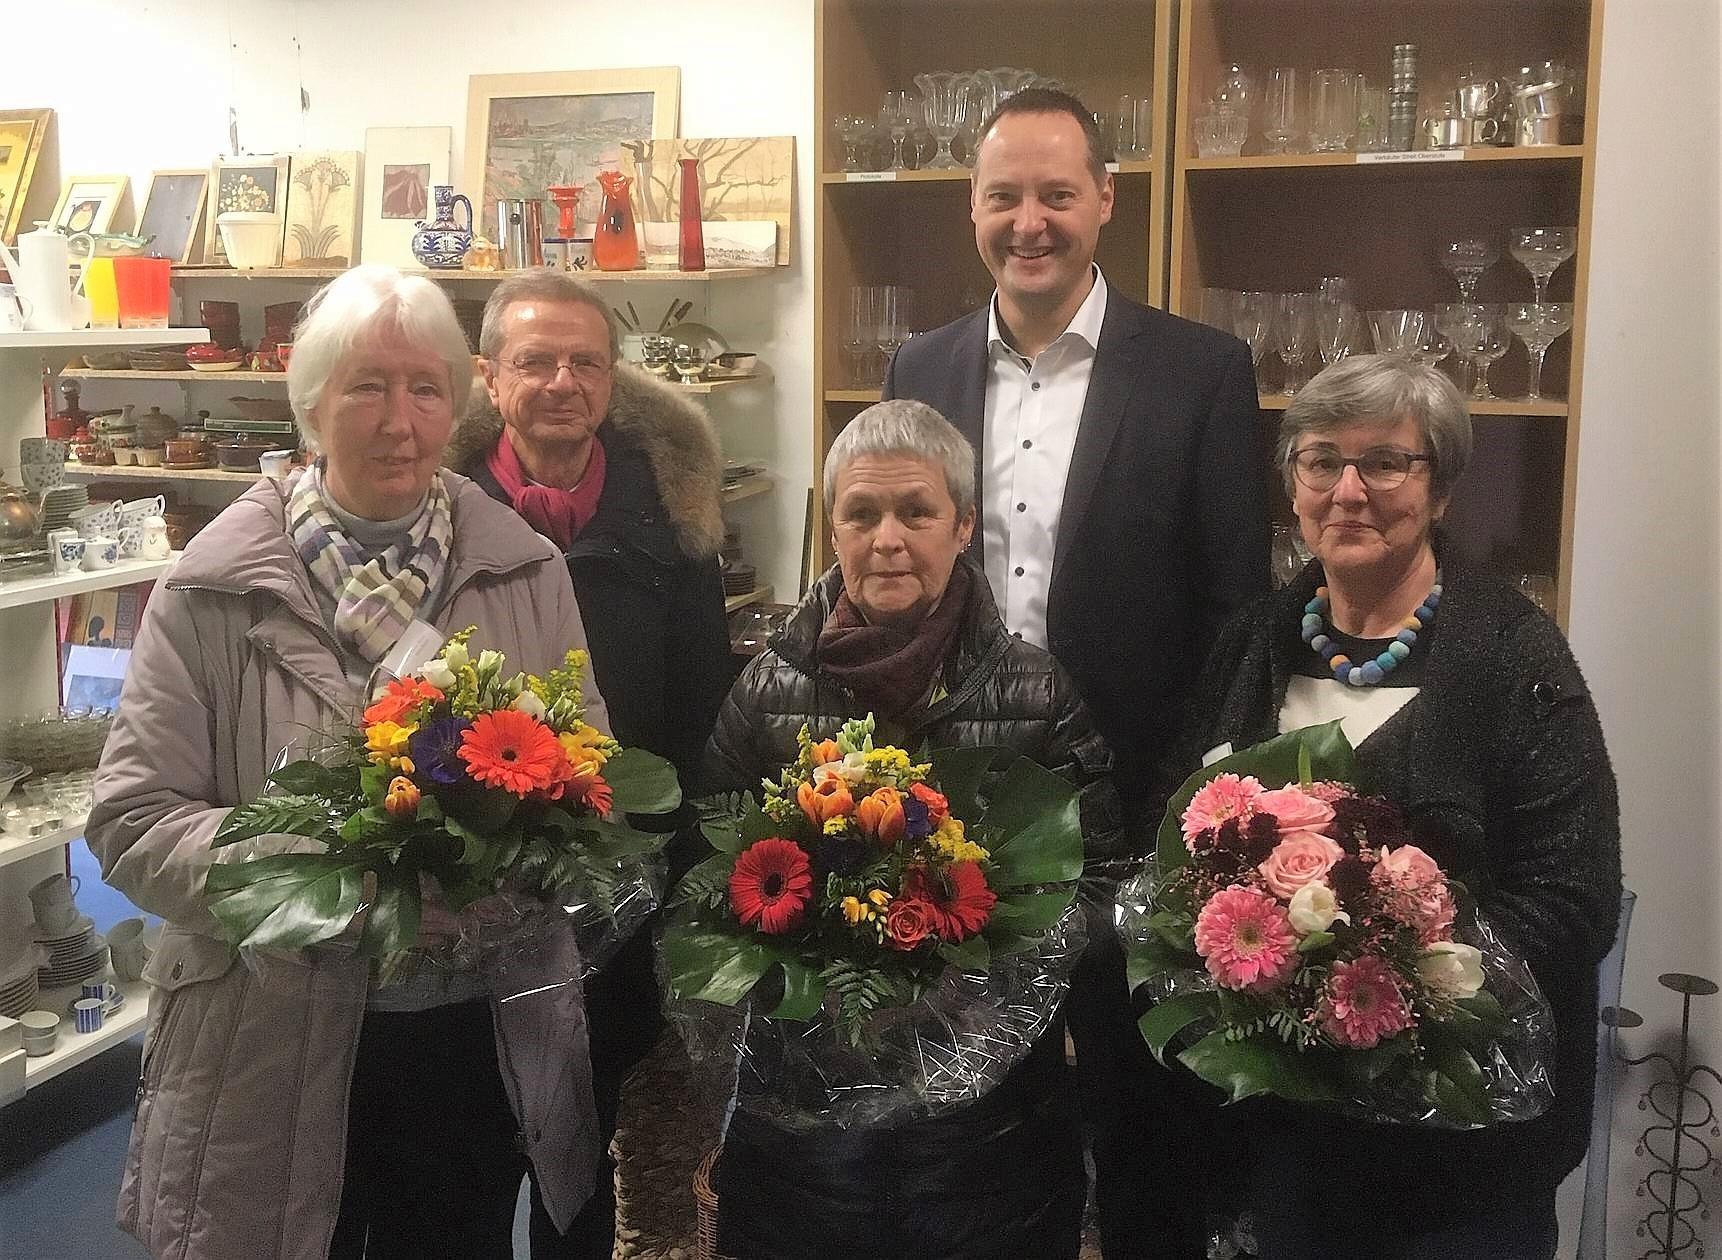 Die Stadt Olpe bedankt sich bei Marie-Luise Hesse für ihr ehrenamtliches Engagement